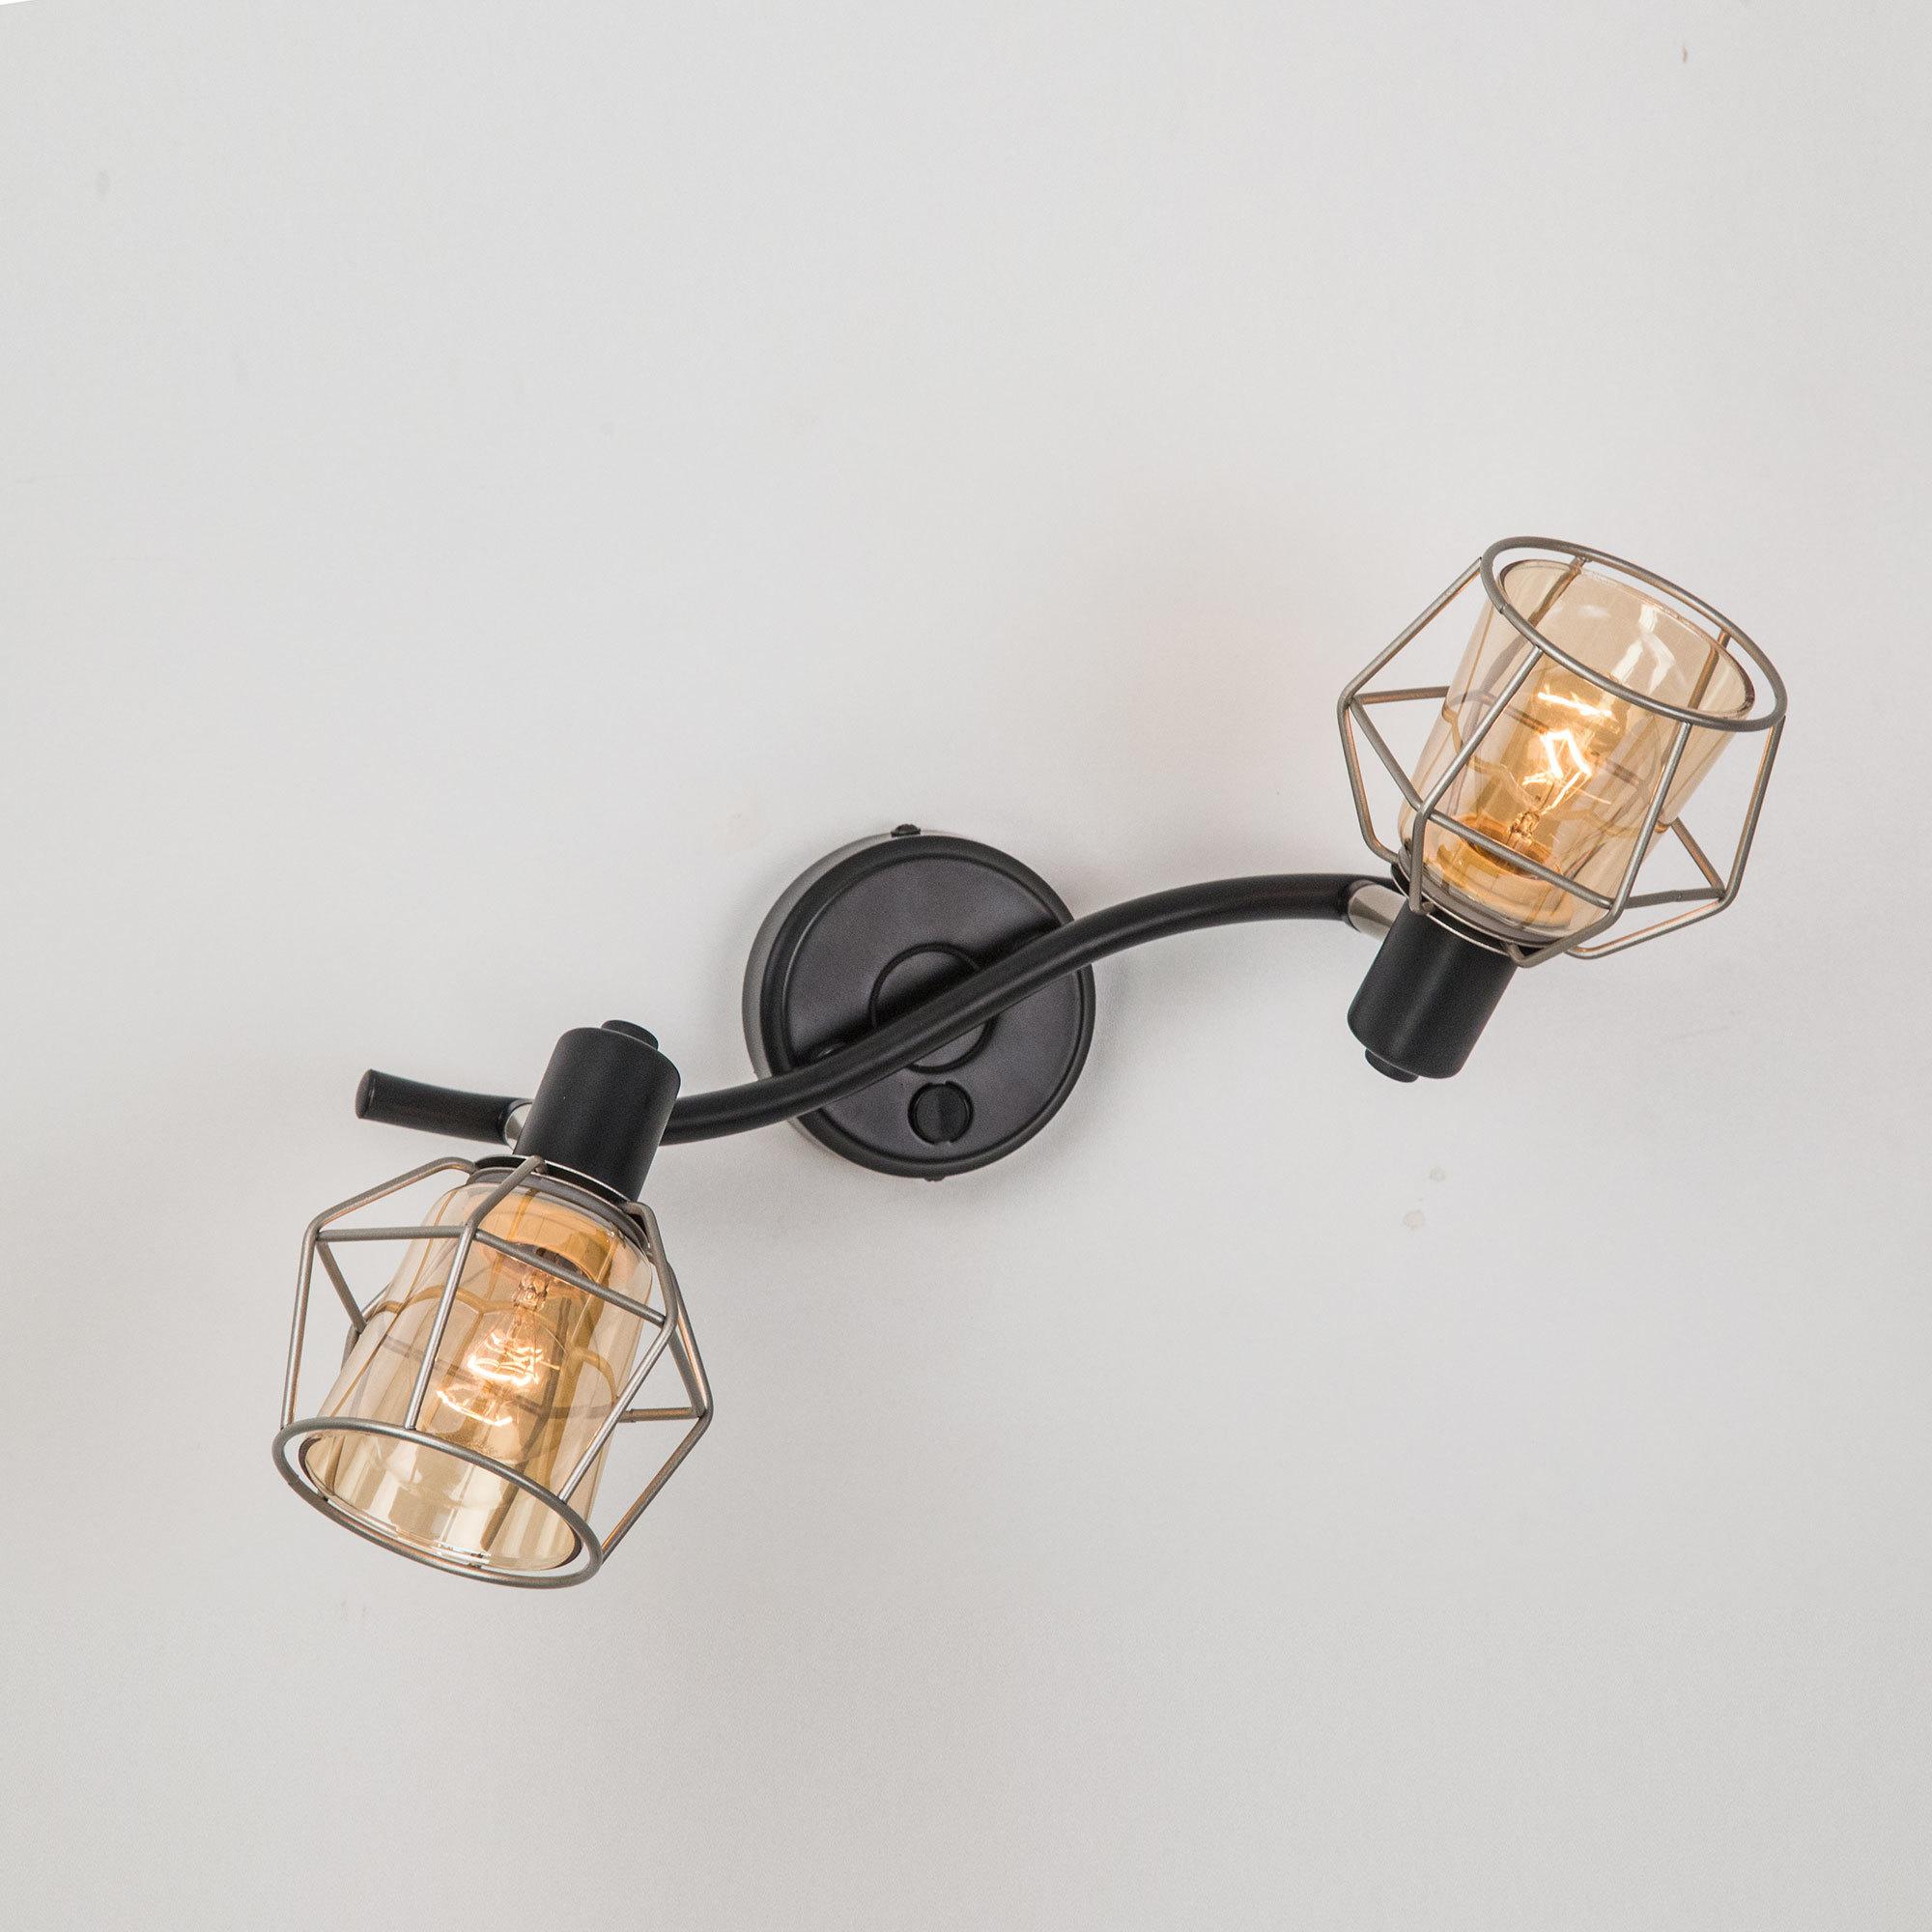 Потолочный светильник с регулировкой направления света Citilux Таверна CL542521, 2xE14x60W - фото 1